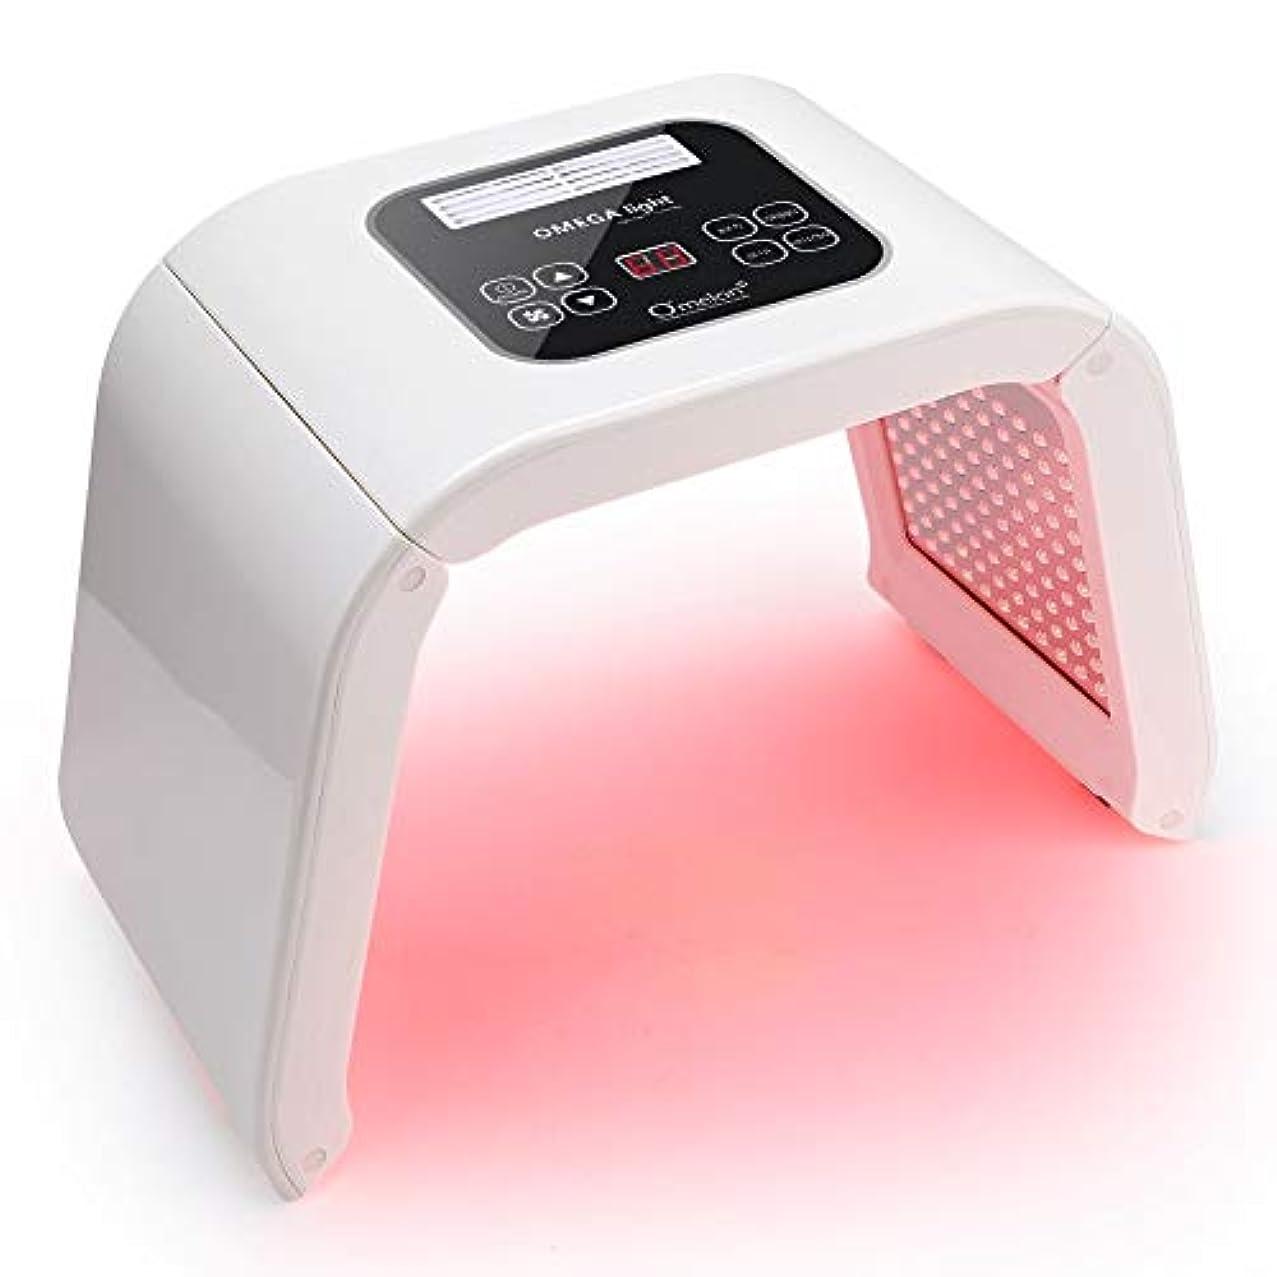 あいまい二十ファセットにきび治療LEDスキンケアツール、7色PDT LEDライト美容しわ除去フェイスケアマシン改善しわ(US Plug)